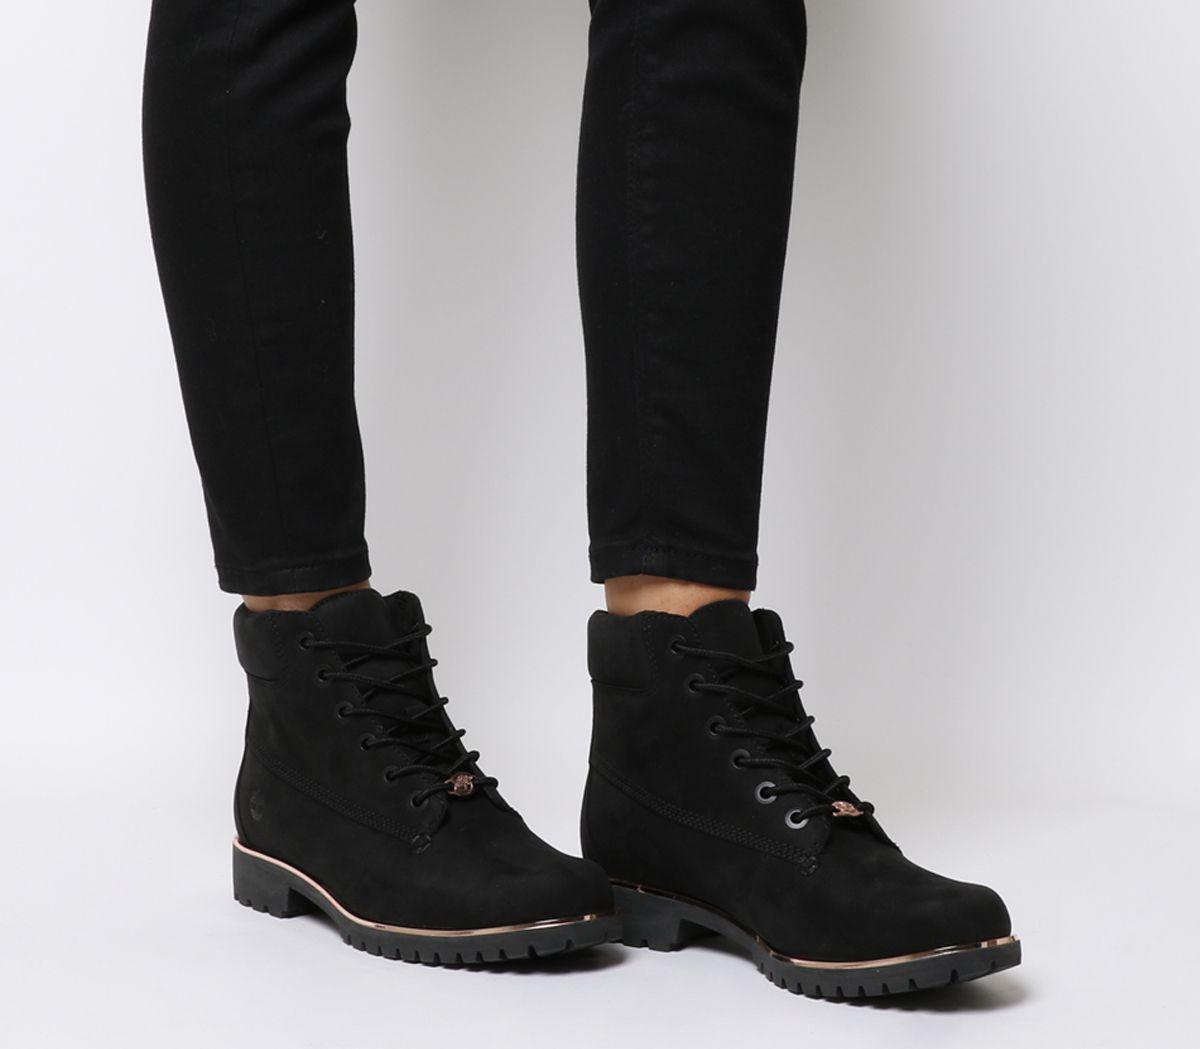 c65b5e504e8 Slim Premium 6 Inch Boots